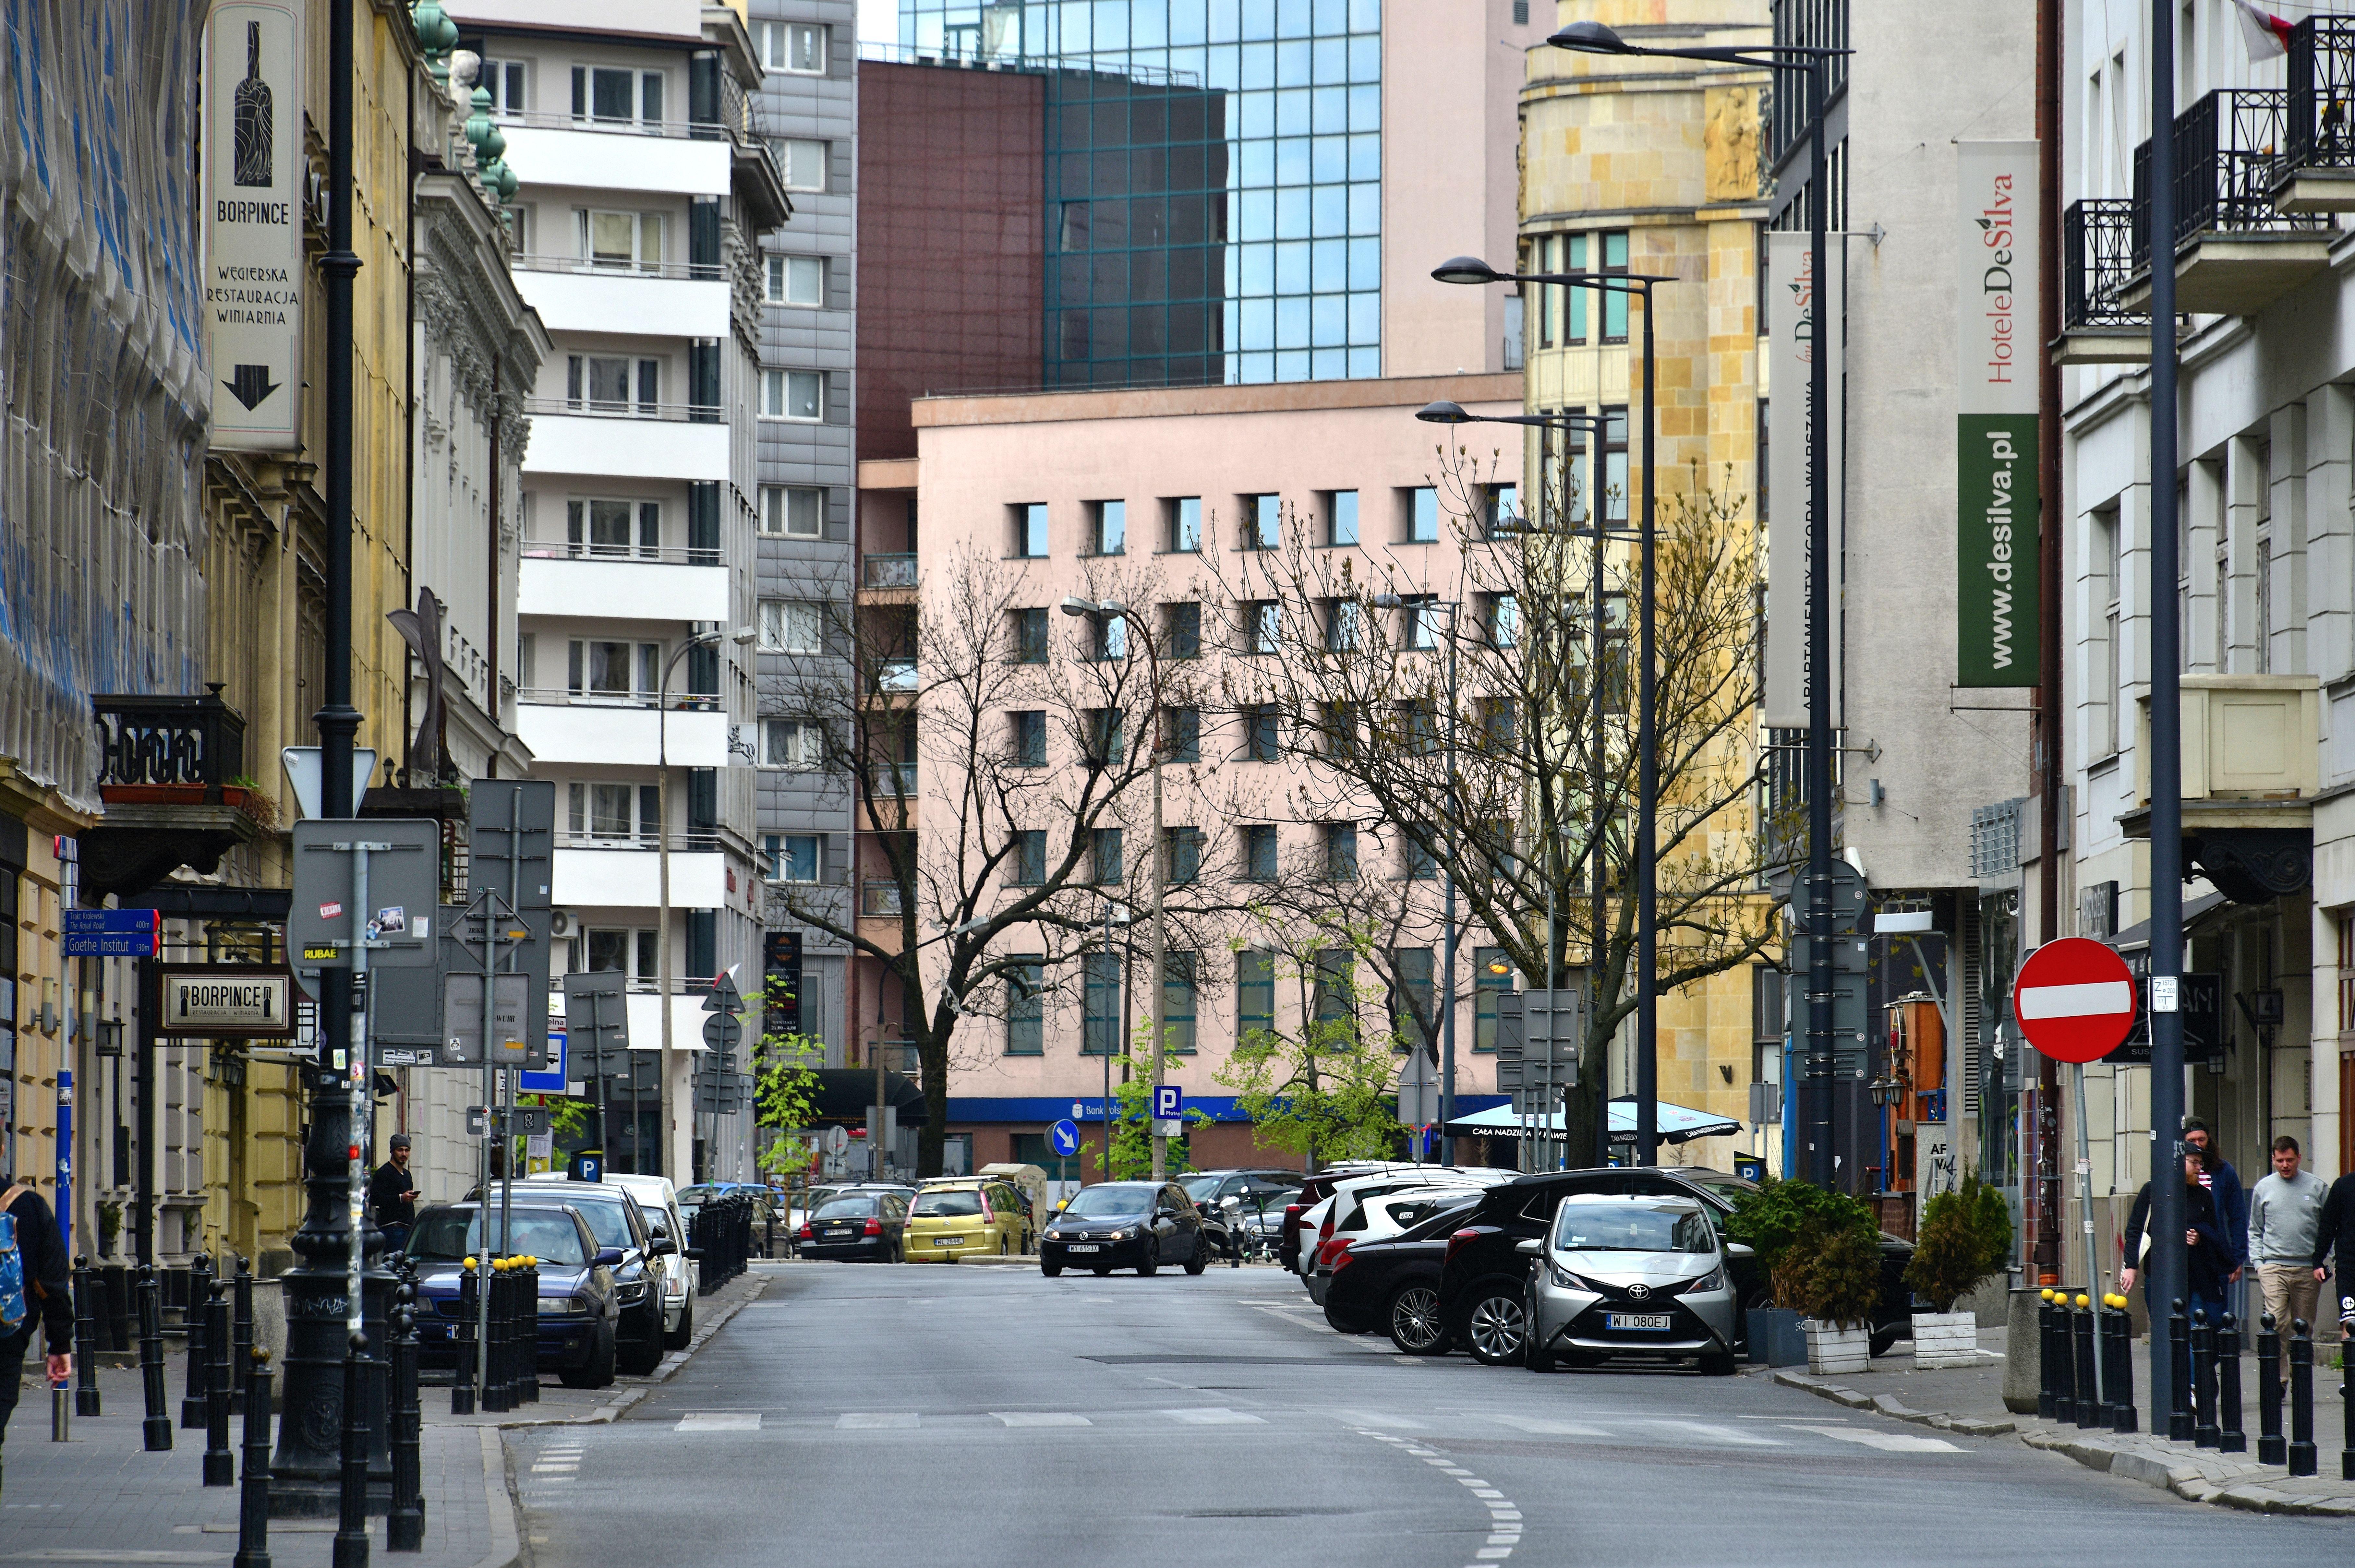 Ulica Zgoda w Warszawie 2019.jpg